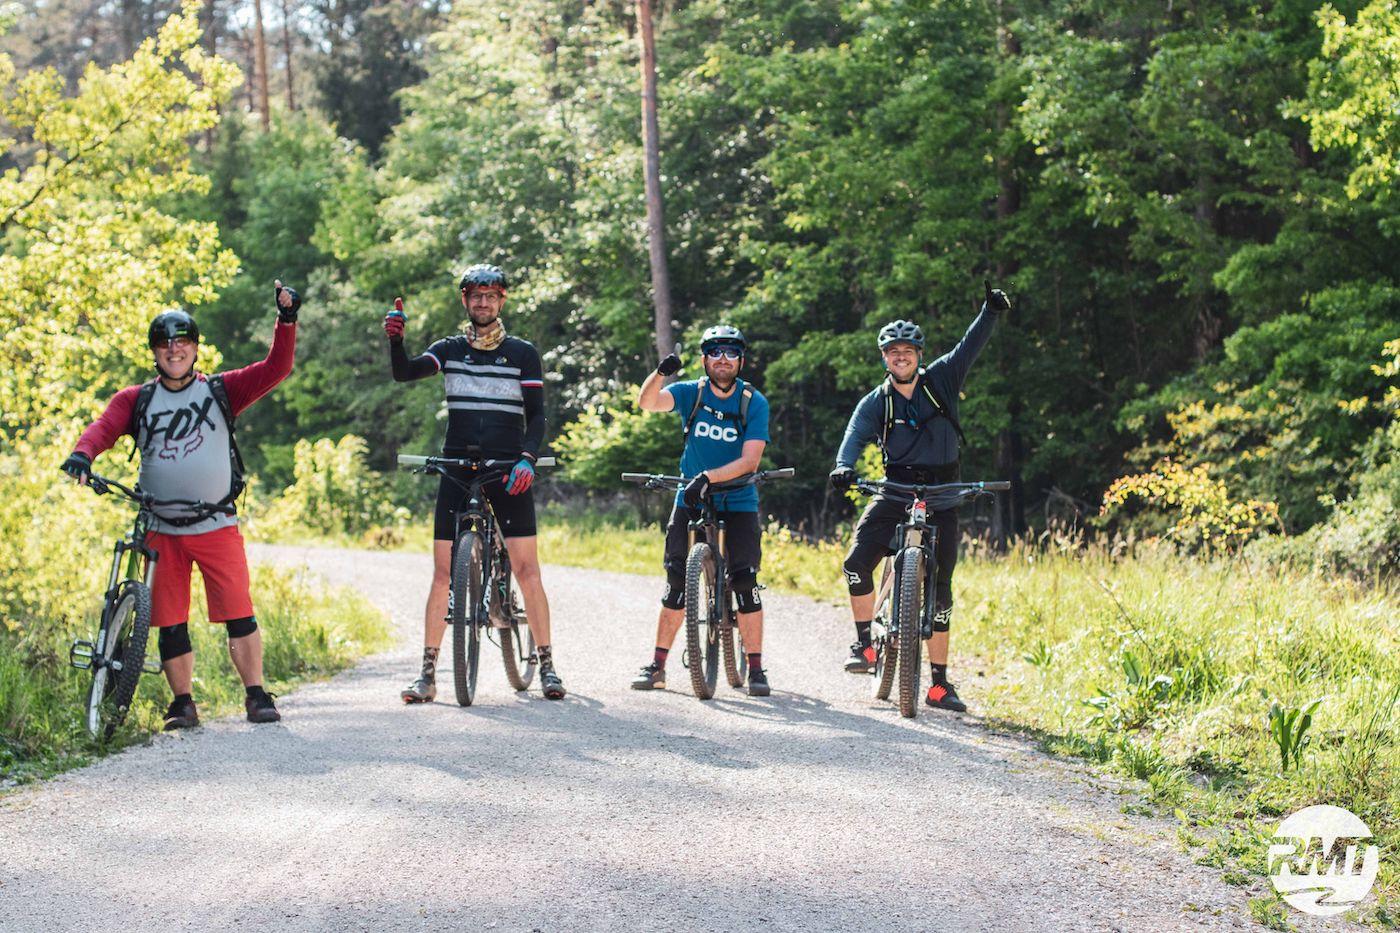 MTB Fahrtechnik Kurs für Einsteiger in Saarbrücken - Mountainbike Basic - Rock my Trail Bikeschule - 10